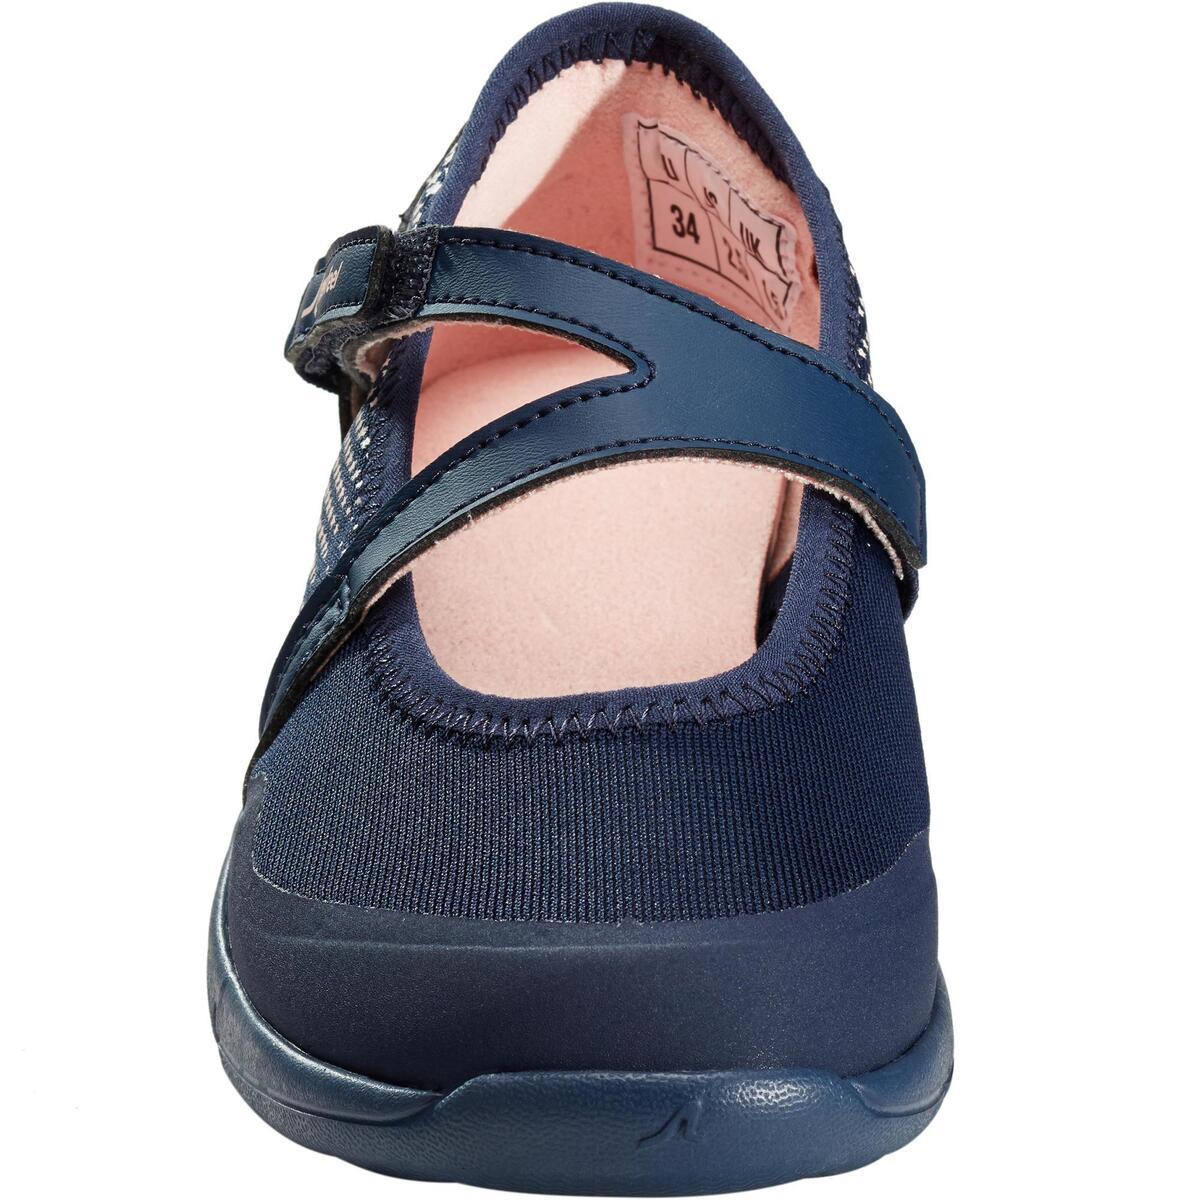 Bild 3 von Ballerinas Walking PW 160 Br'easy Mädchen marineblau